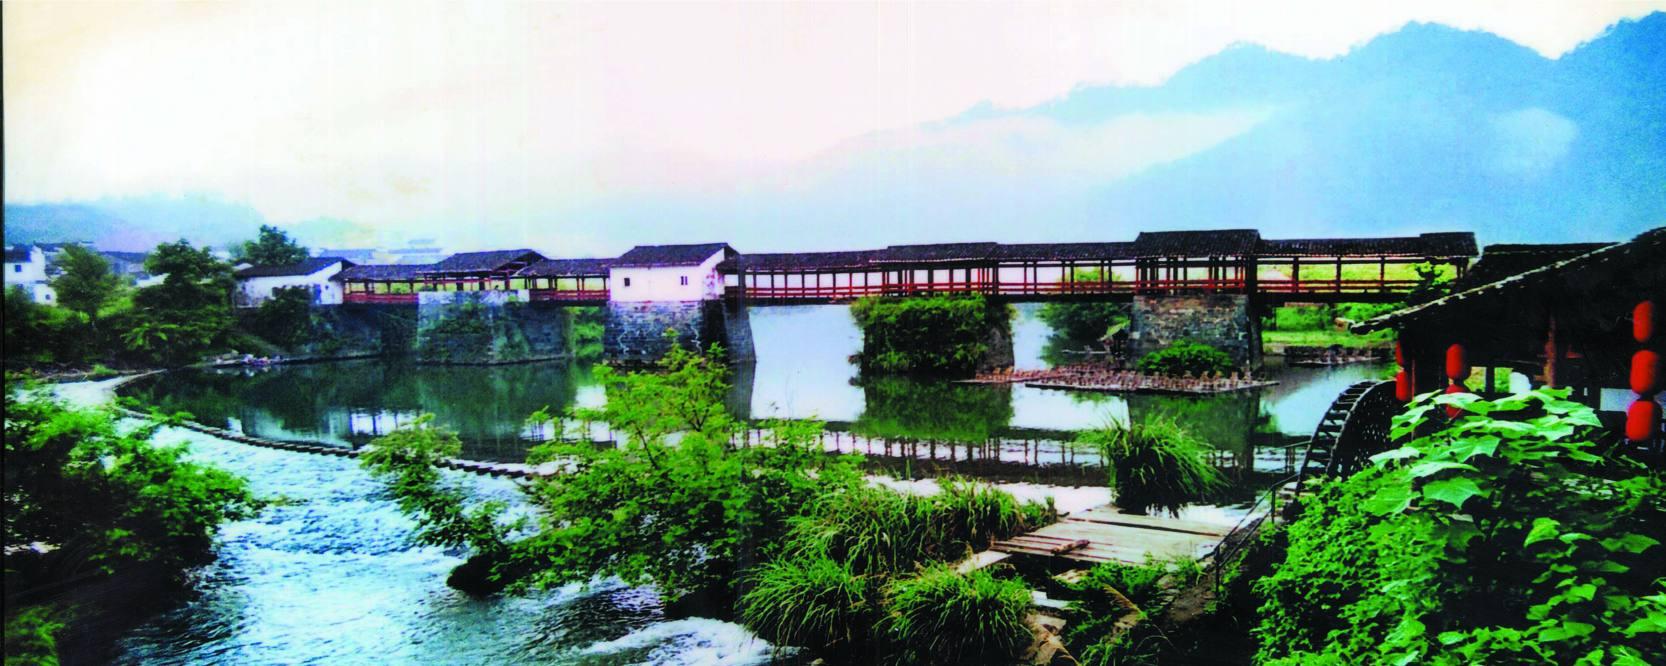 彩虹桥22